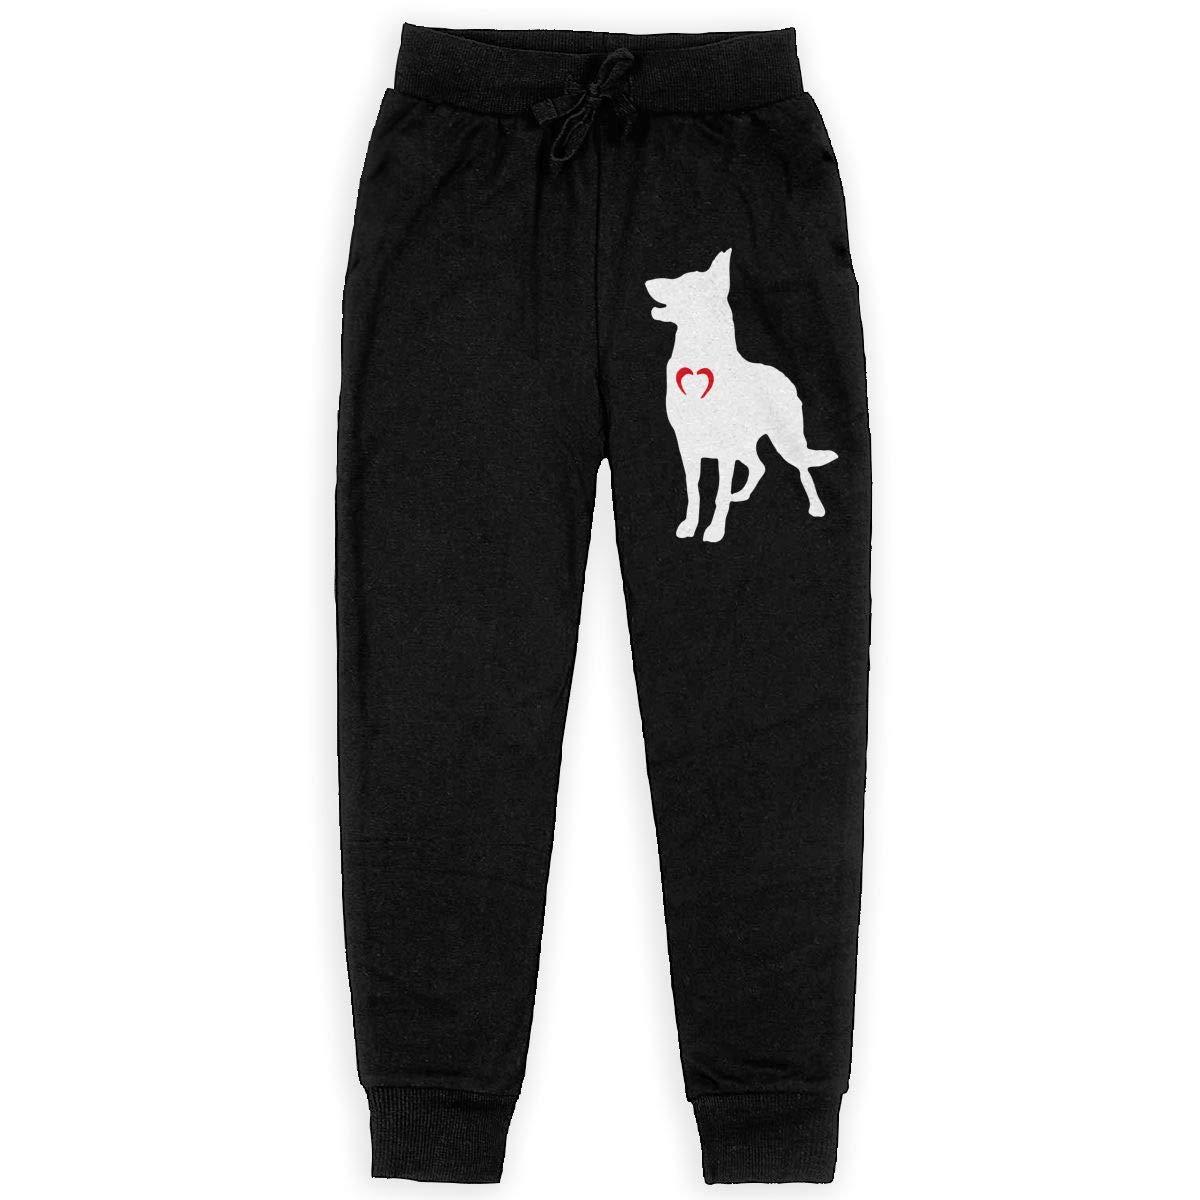 Teenager Active Basic Jogger Fleece Pants for Teenager Boys WYZVK22 German Shepherd with Heart-1 Soft//Cozy Sweatpants